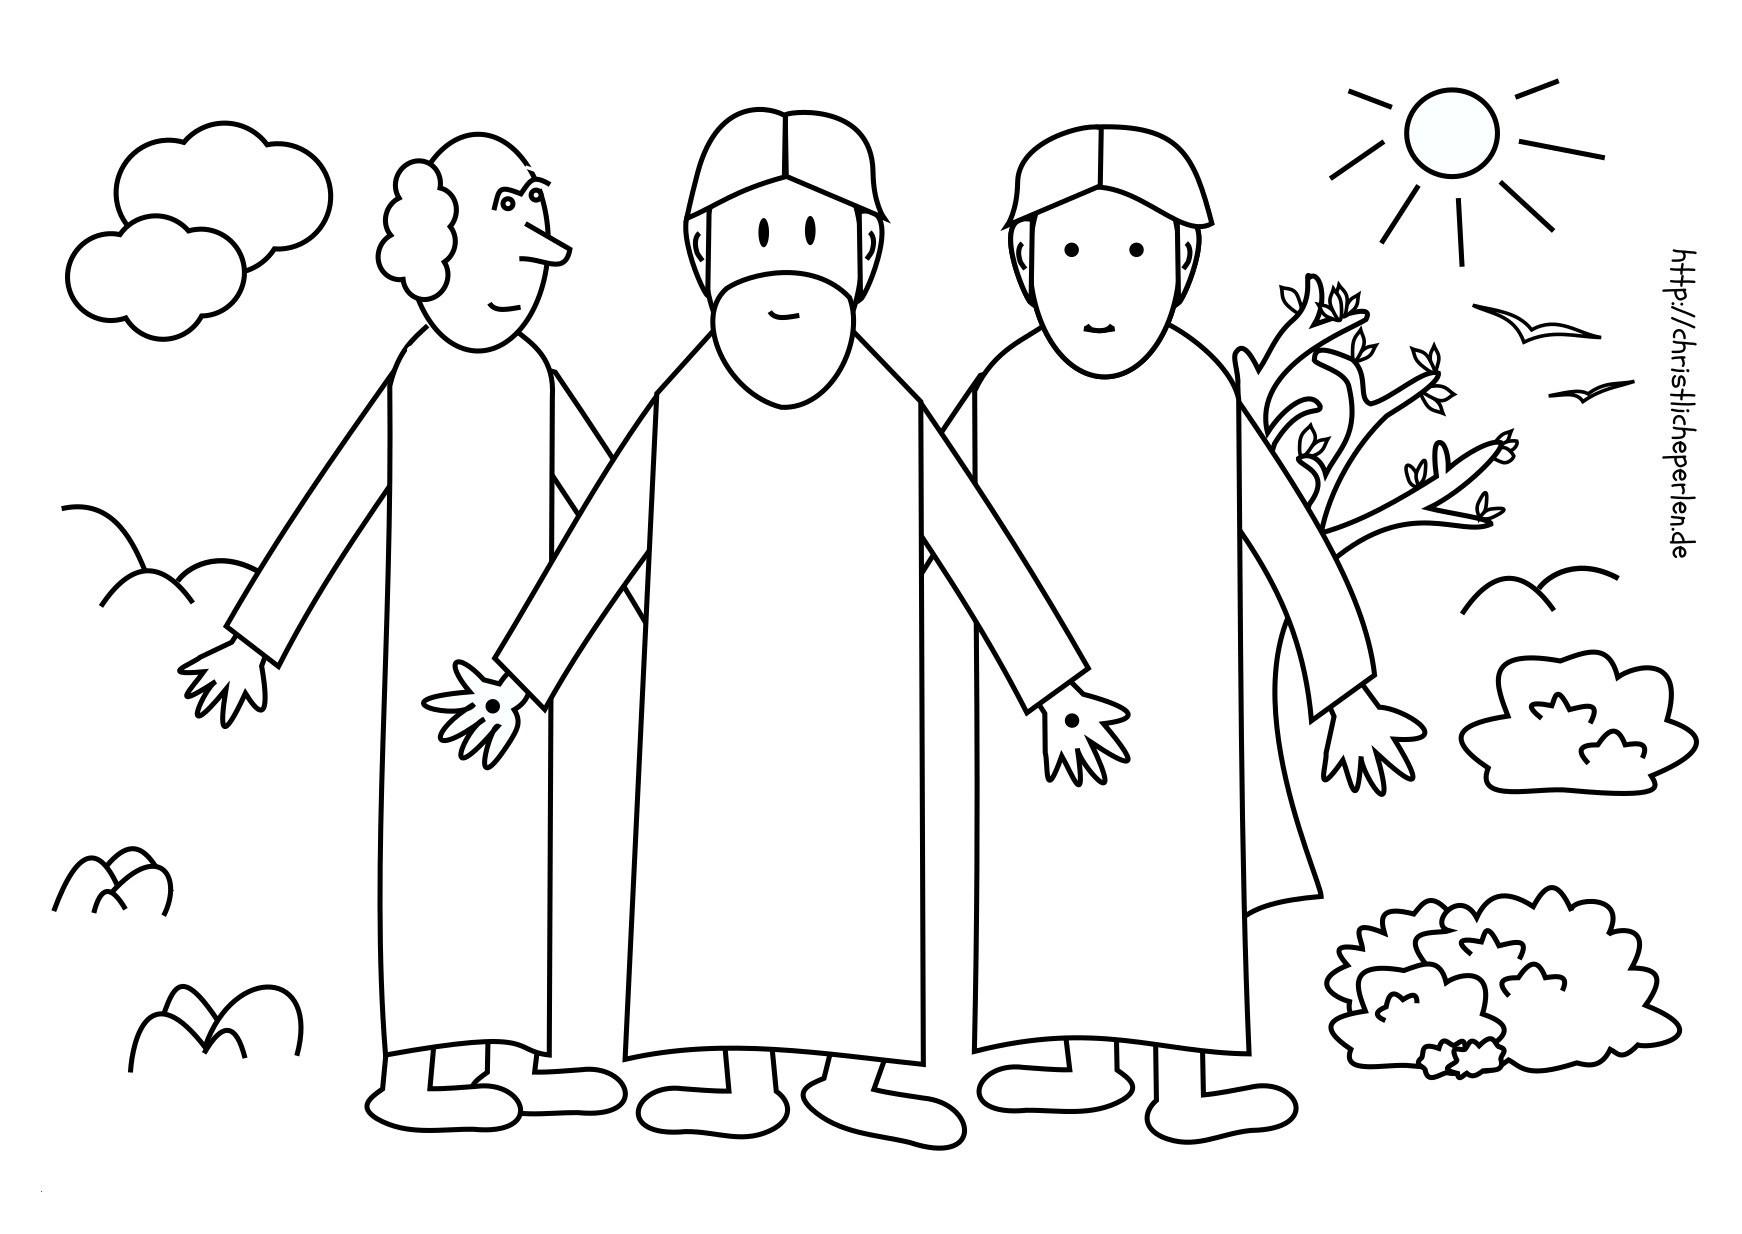 Jakob Und Esau Ausmalbilder Frisch Ausmalbilder Zu Ostern Best Jakob Und Esau Ausmalbilder Einzigartig Stock